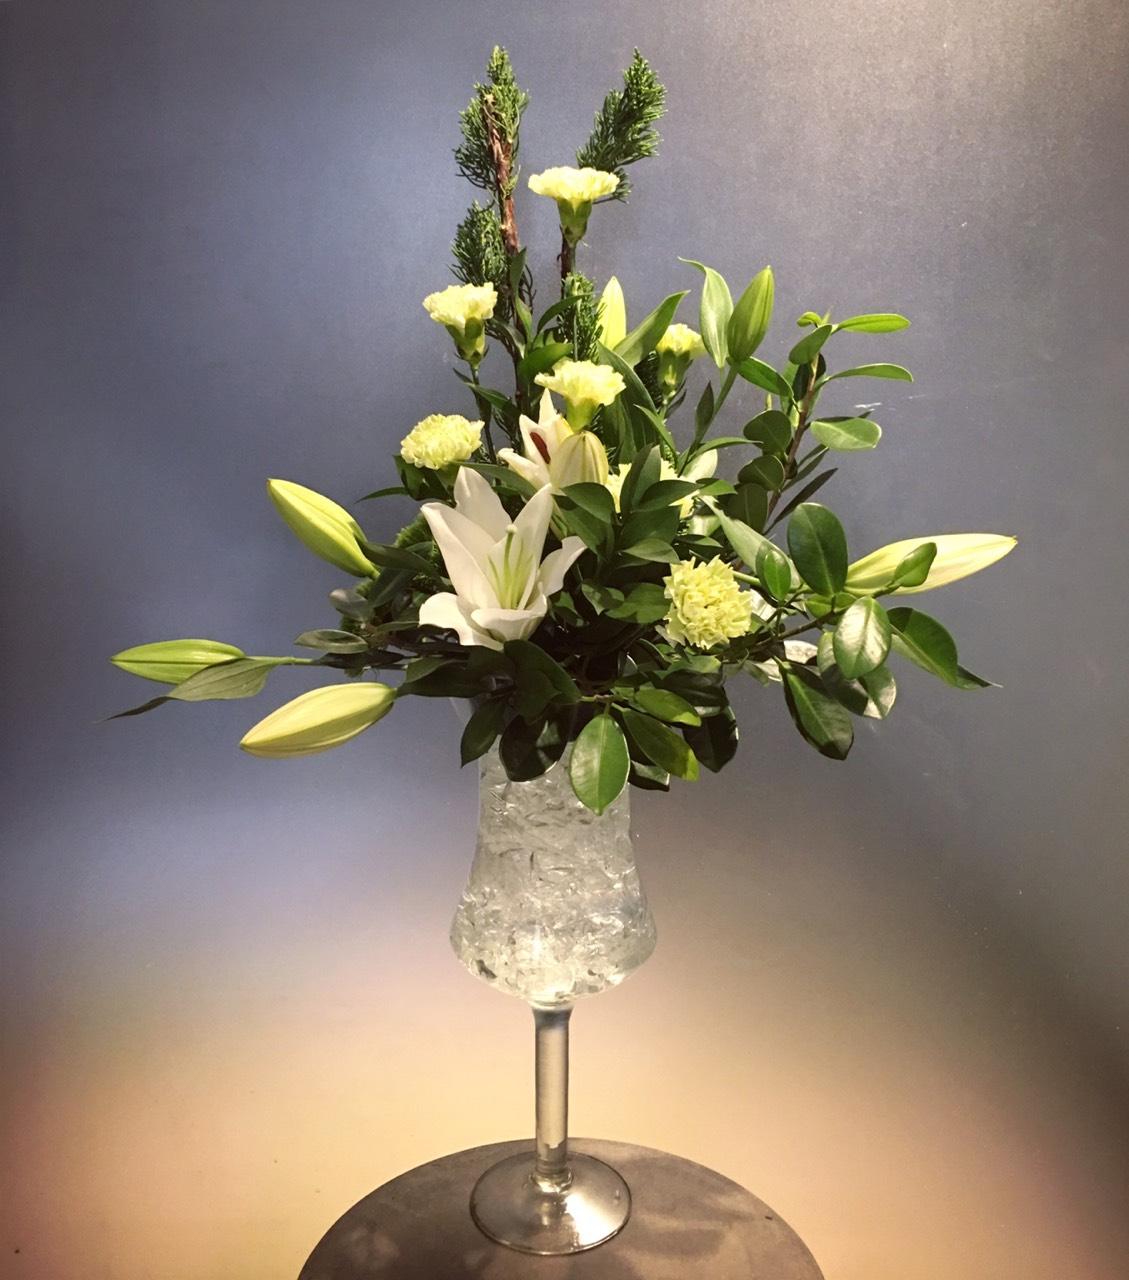 Hoa ky trắng